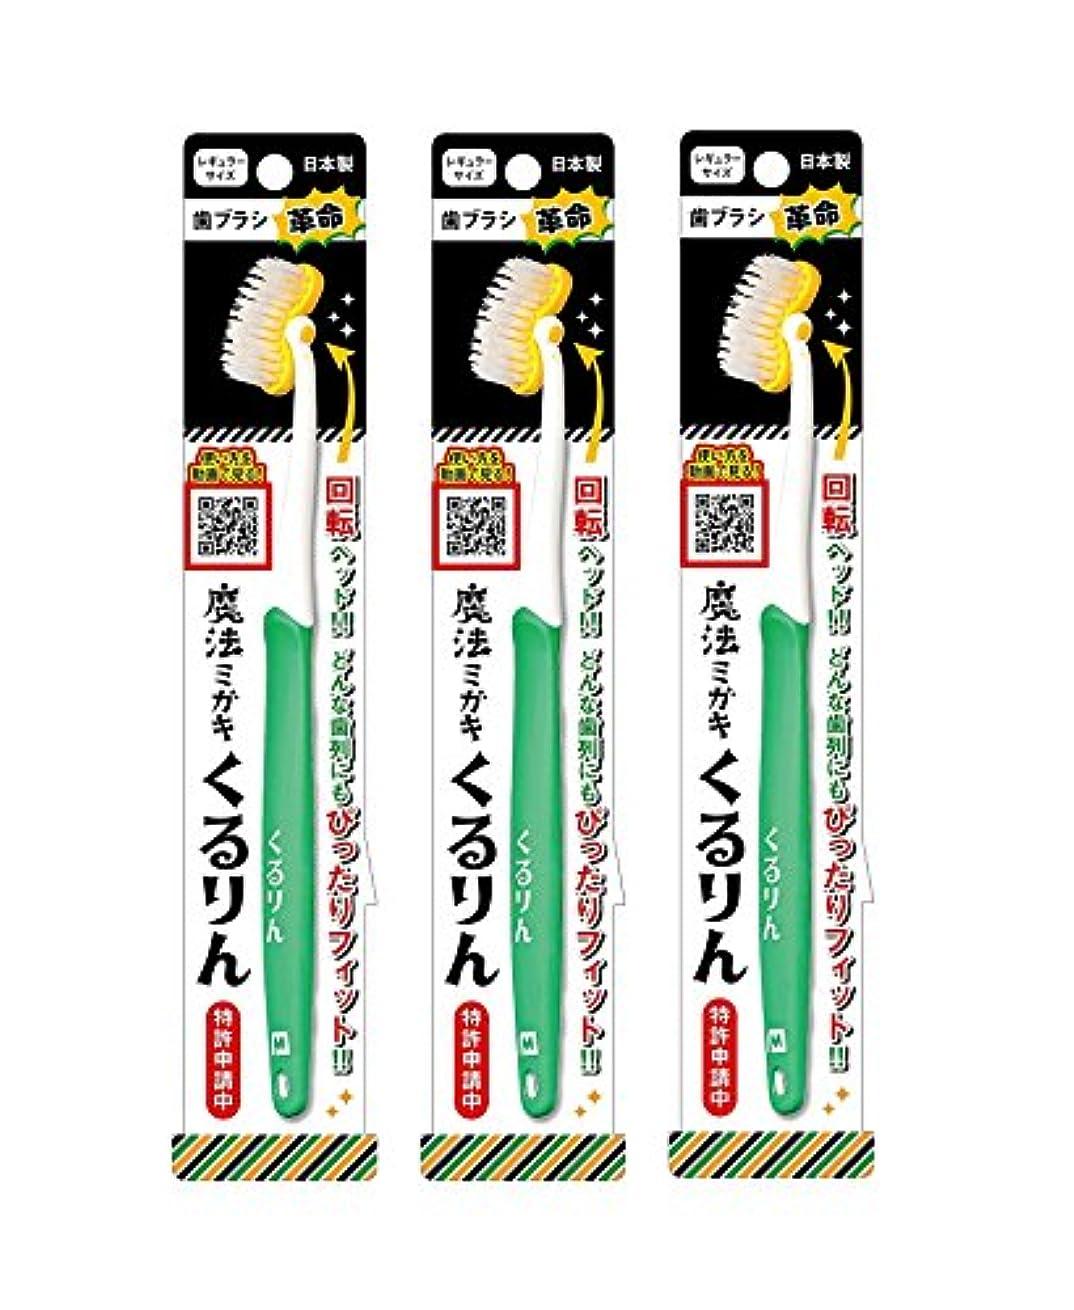 委託テナント歯ブラシ革命 魔法ミガキくるりん MM-151 グリーン 3本セット